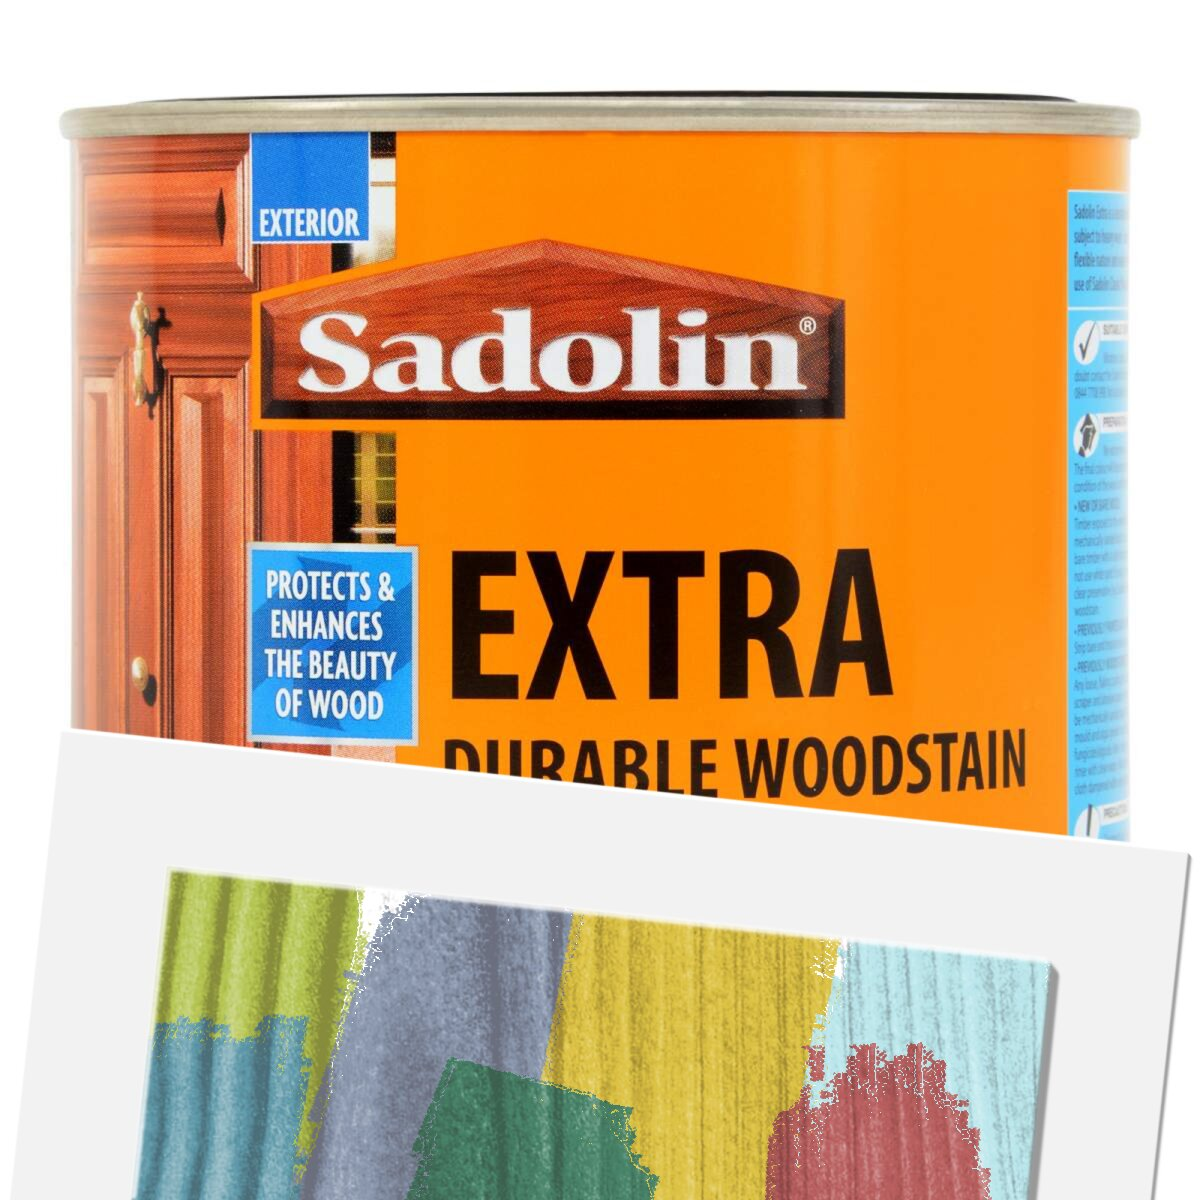 Sadolin Extra Durable Woodstain Semi Gloss Ready Mixed